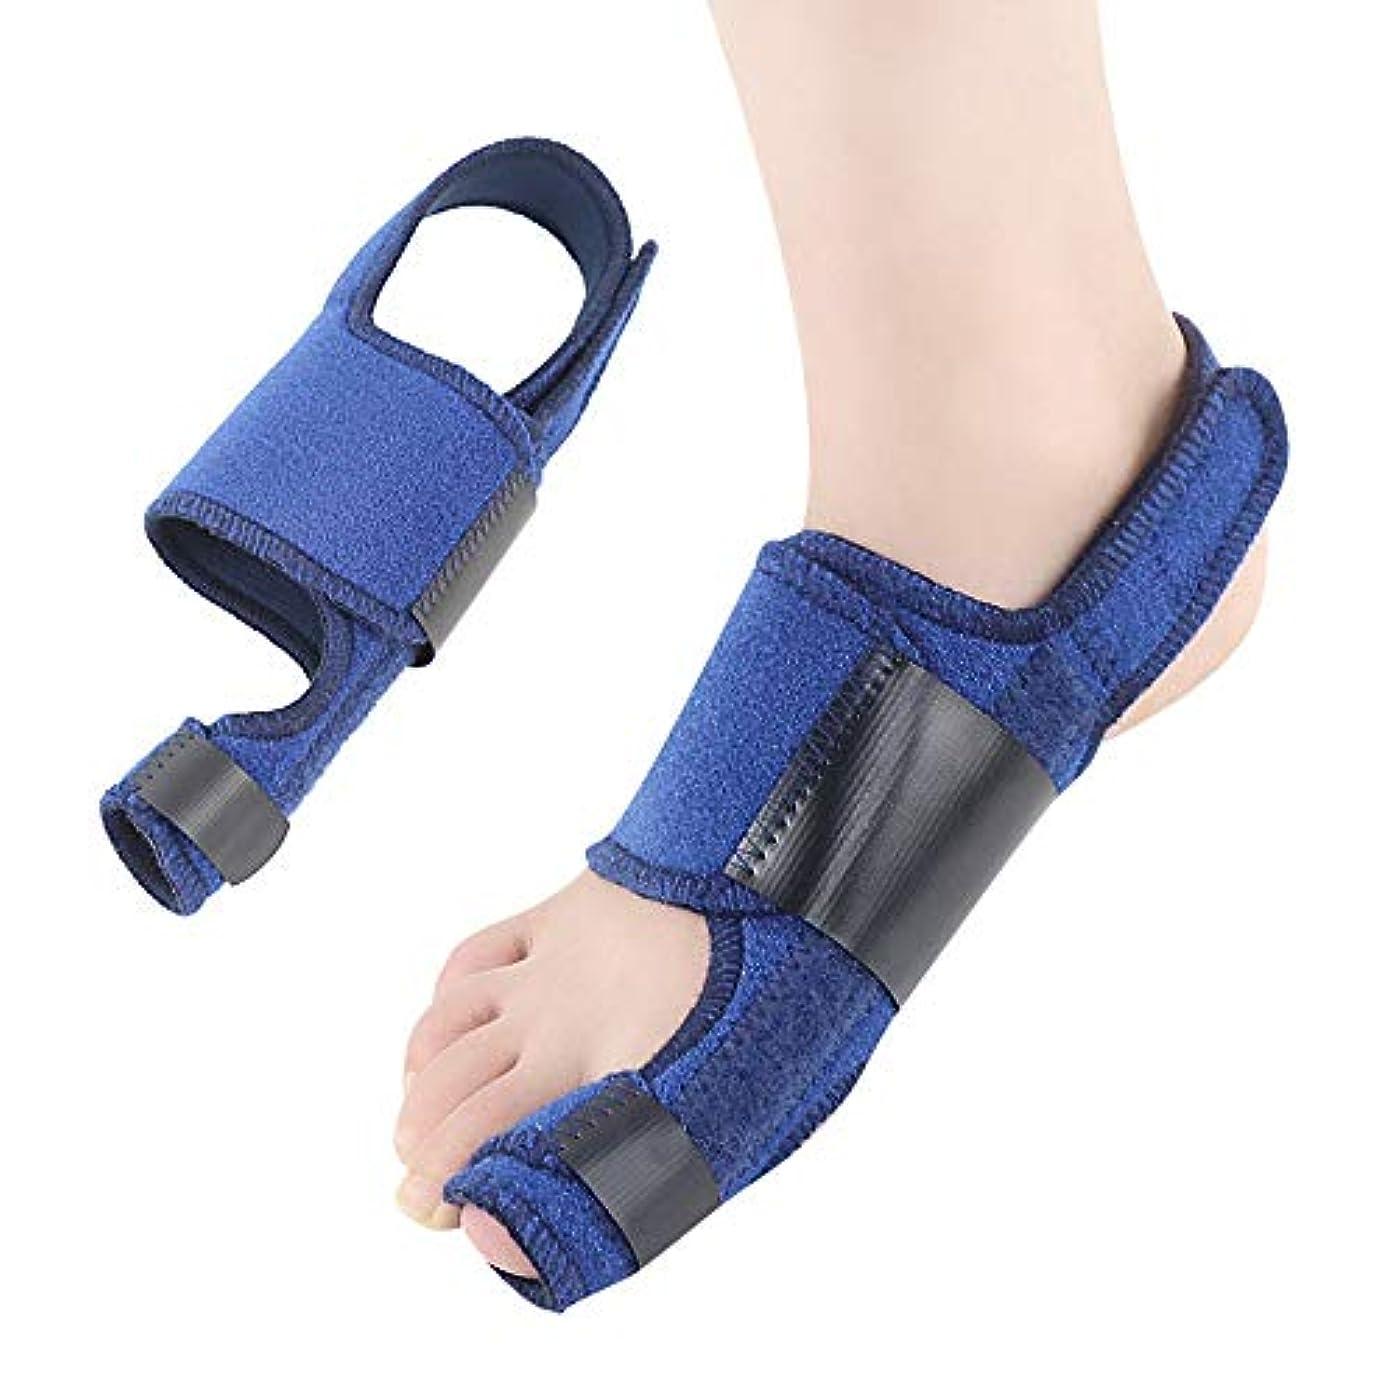 蓄積するロボット等価外反母趾足指セパレーターは足指重複嚢胞通気性吸収汗ワンサイズを防止し、ヨガ後の痛みと変形を軽減